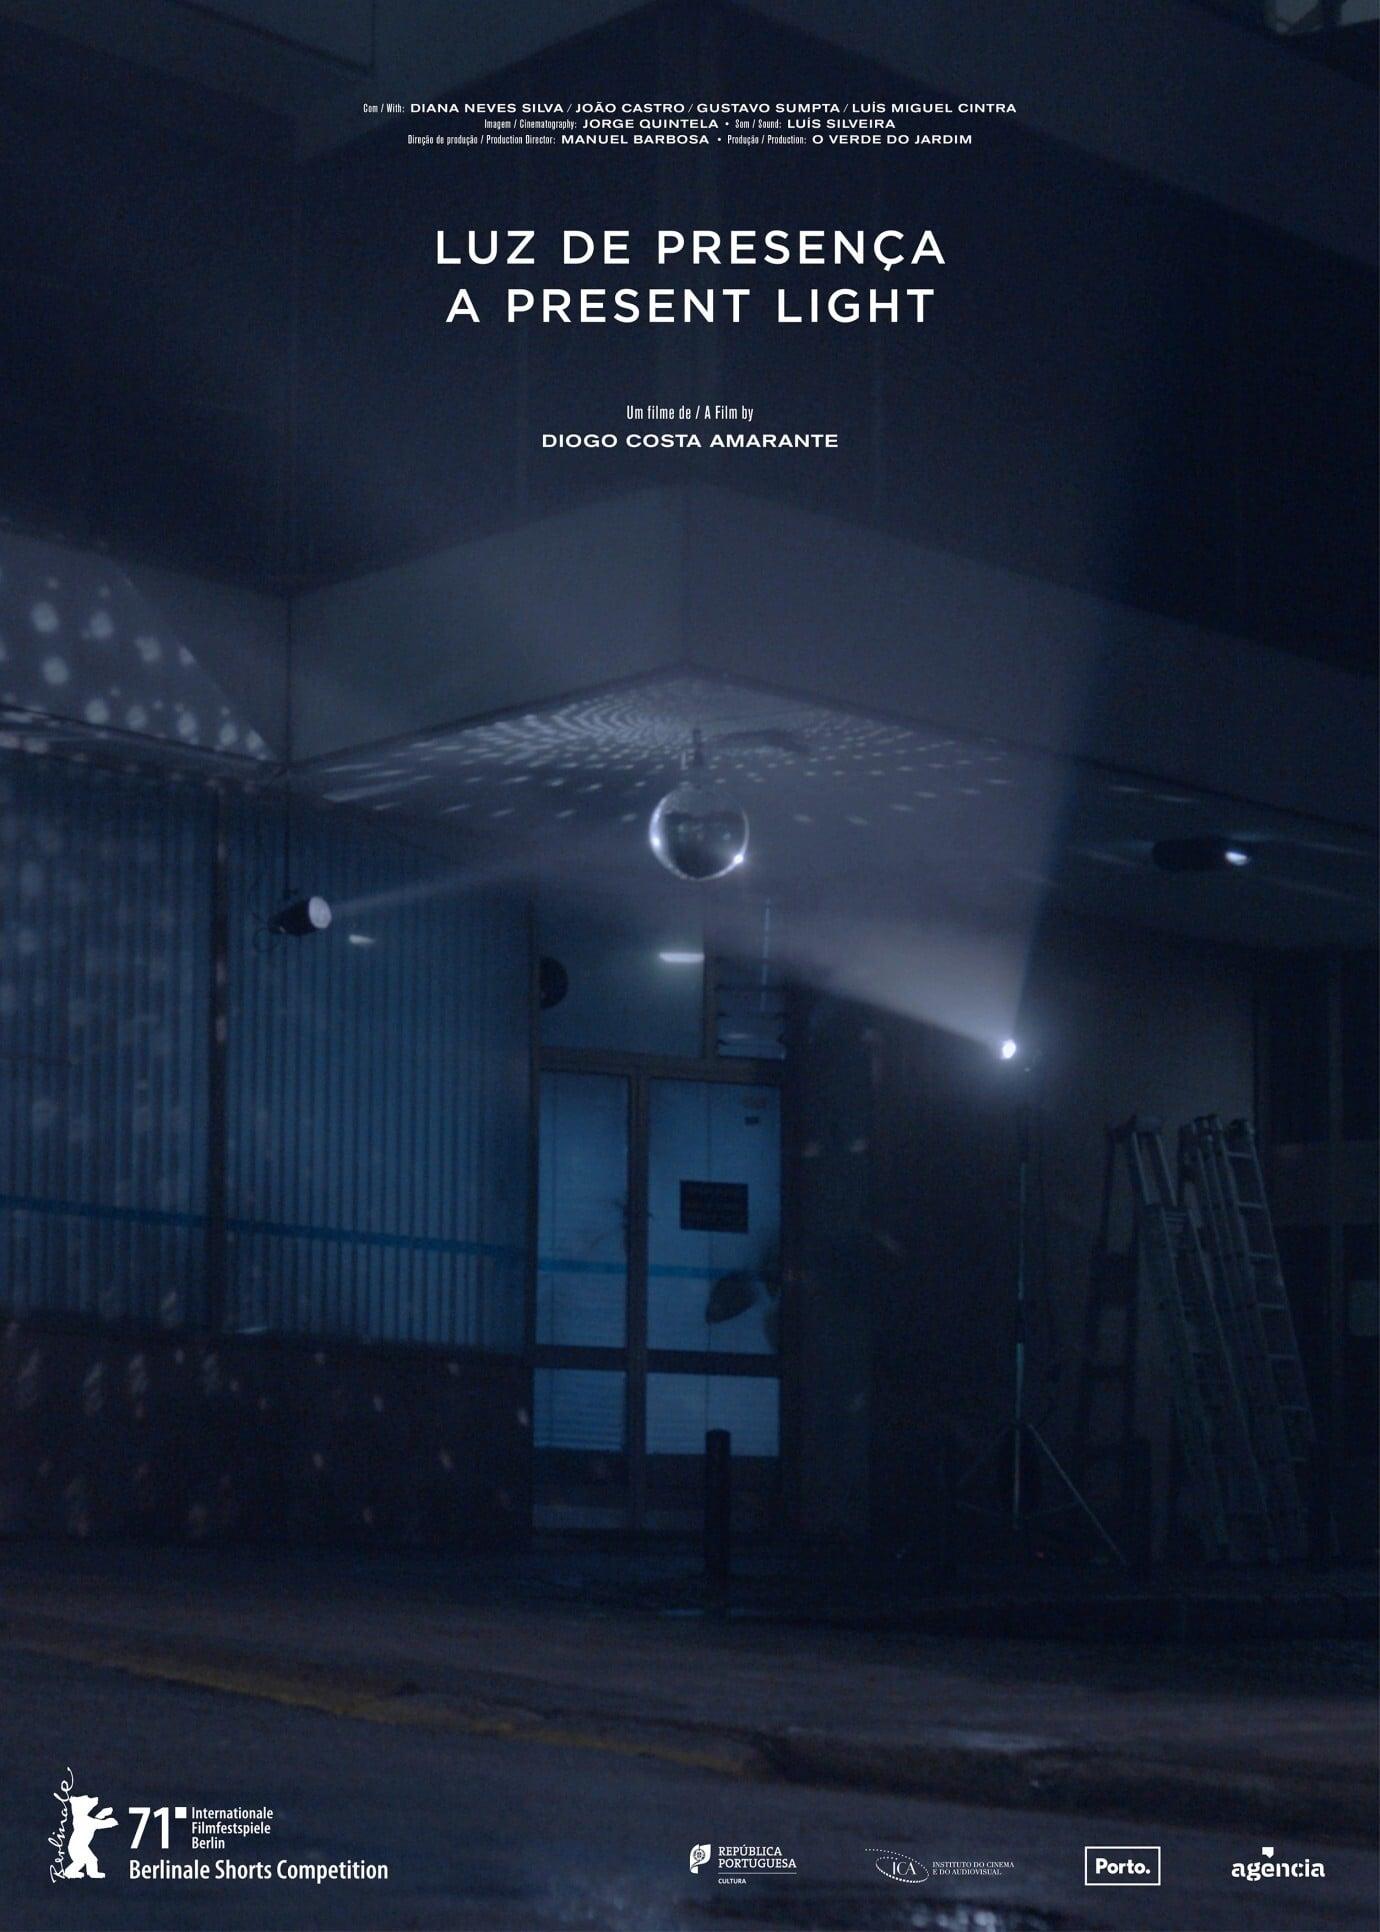 A Present Light